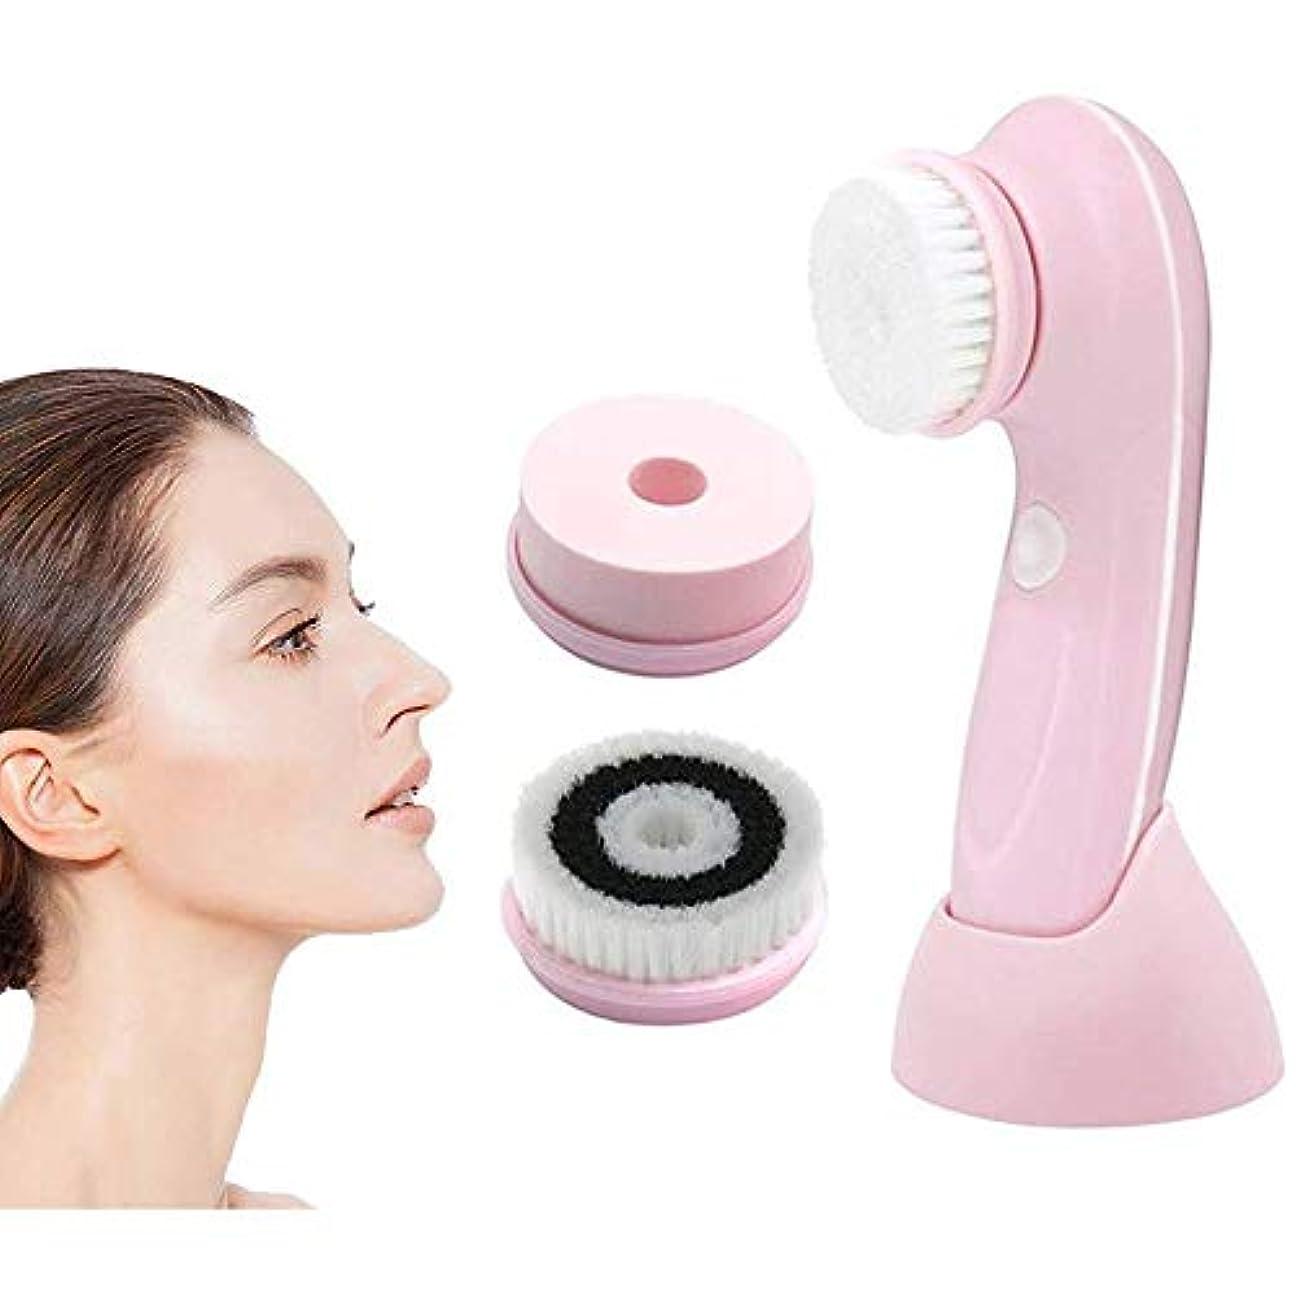 置き場トランスペアレントホームレスKJRJCD 洗顔ブラシ、3つの交換用ヘッドとエクスフォリエイティング、ブラックヘッド、ポータブル顔スクラバー用USB充電式プロフェッショナル洗顔ブラシ、ピンクスピニング